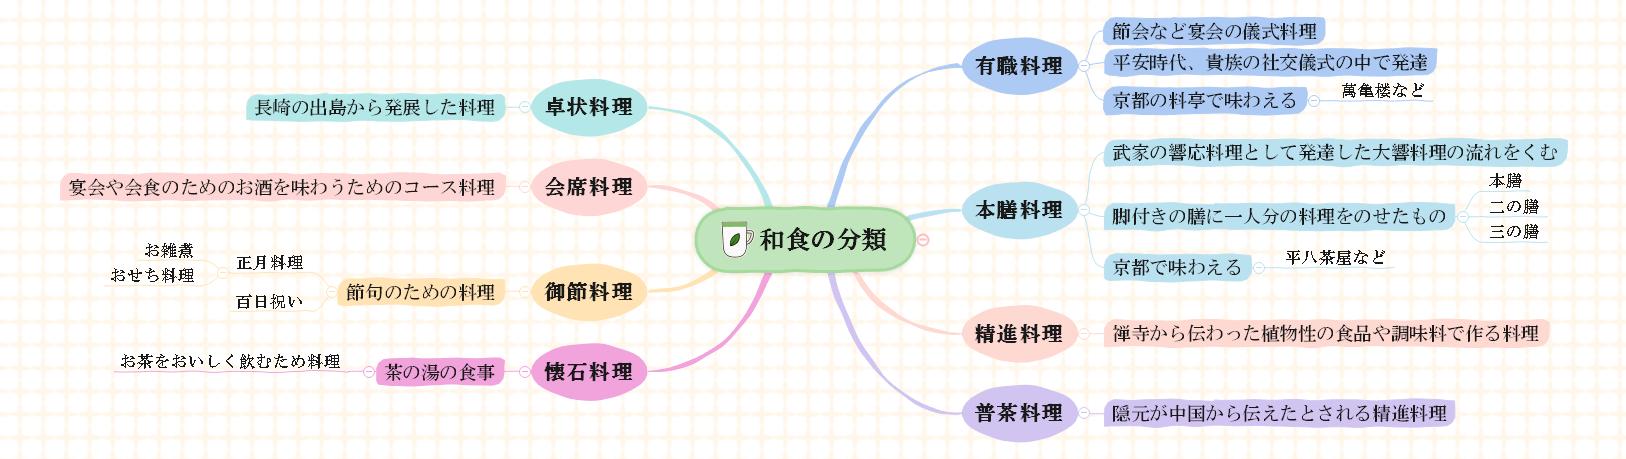 和食の分類